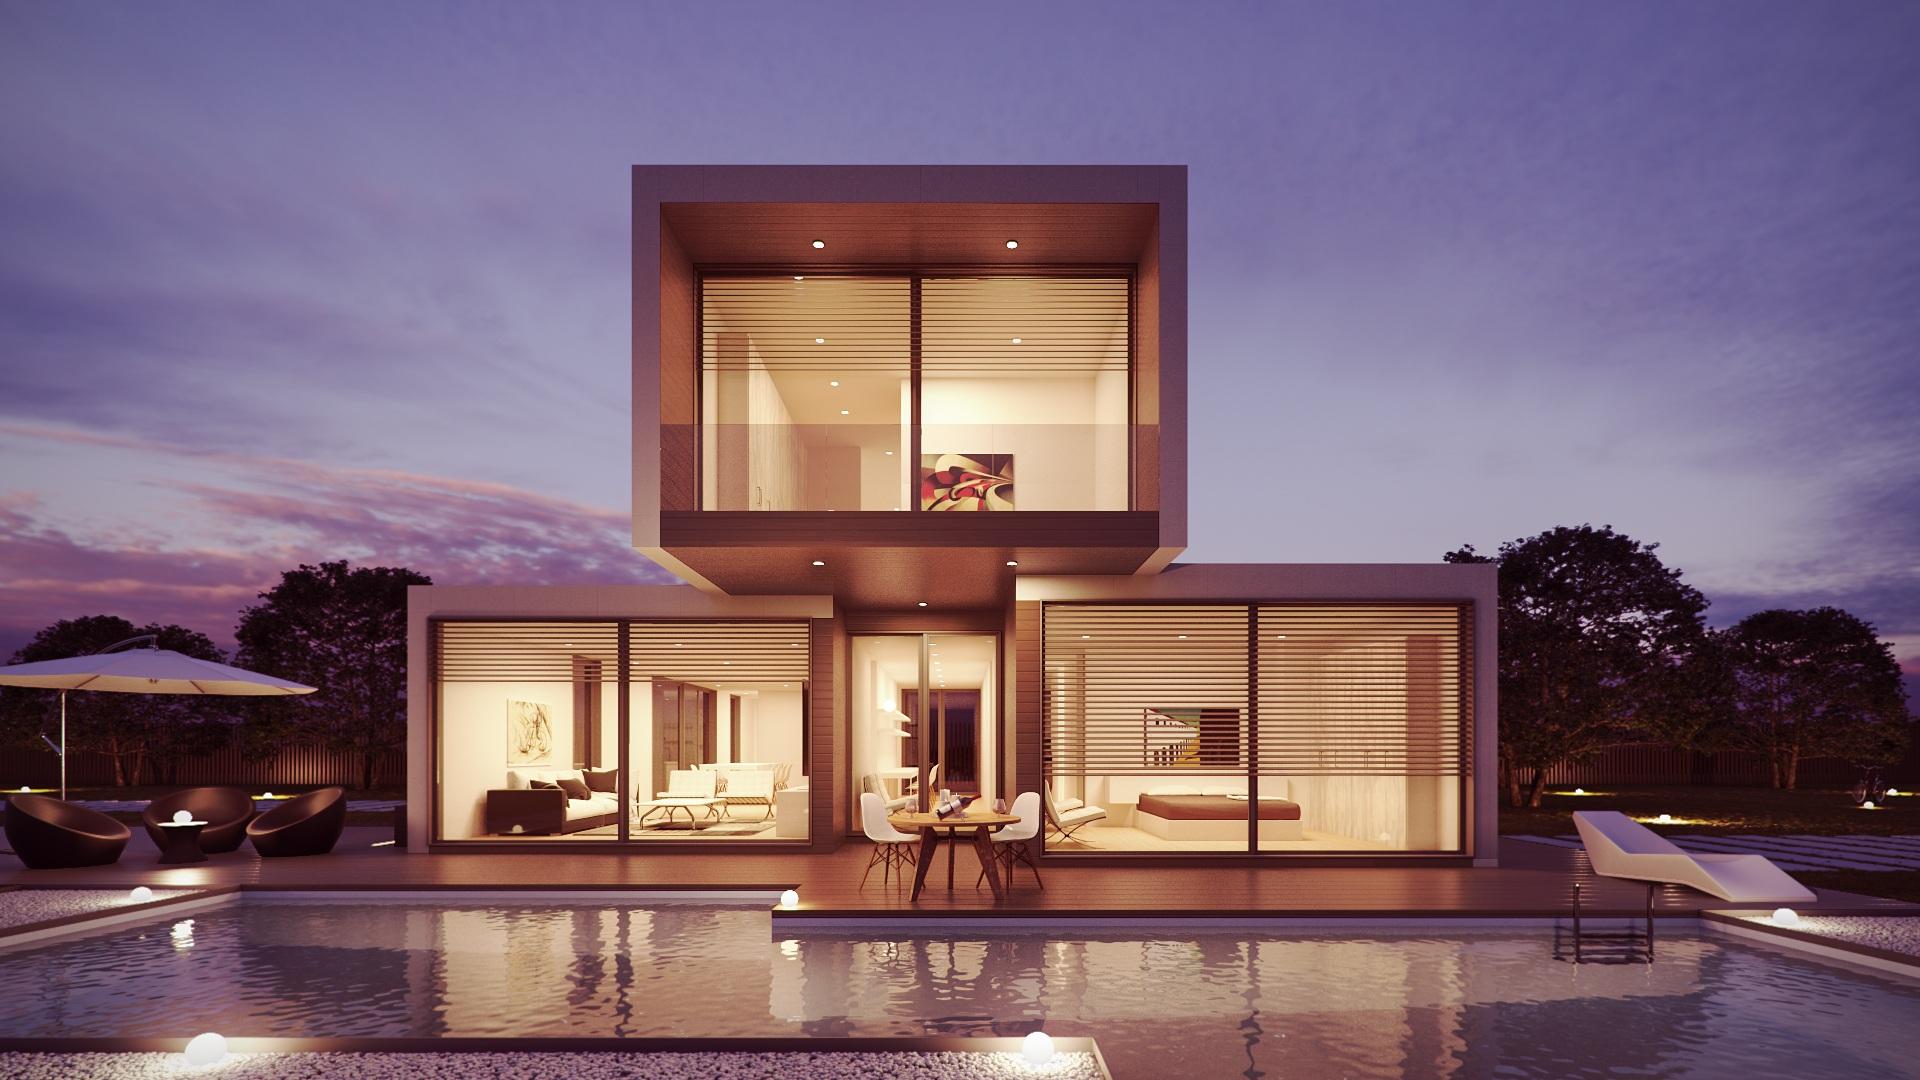 Interieur Maison Moderne Architecte fond d'écran : architecture, intérieur, maison, moderne